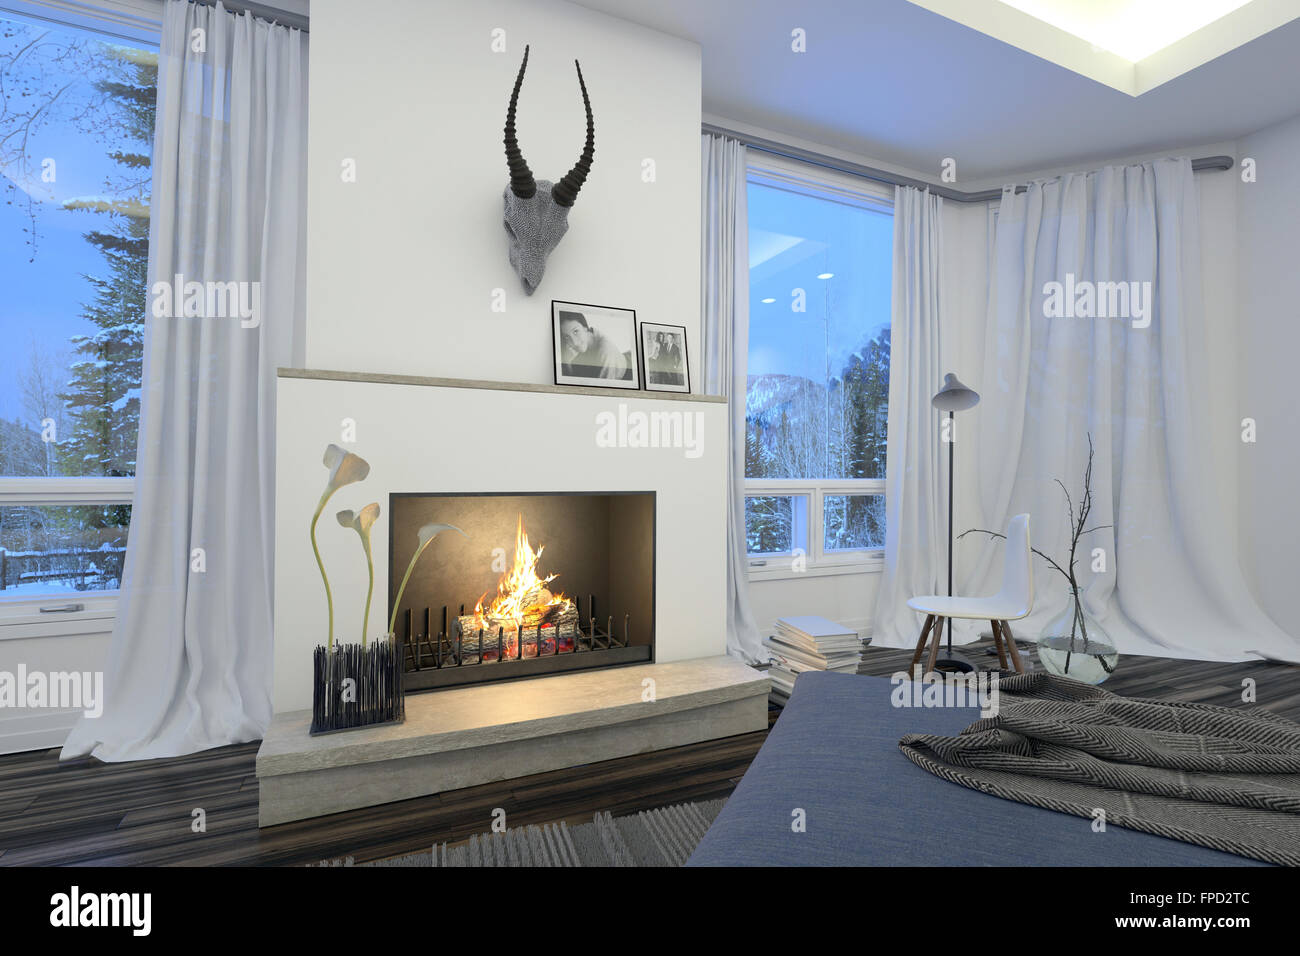 Moderne Stilvolle Weiße Wohnzimmer Interieur Mit Einem Feuer Im Kamin Unter  Eine Jagdtrophäe Flankiert Von View Fenster Mit Weißen Gardinen Mit Blick  Auf ...